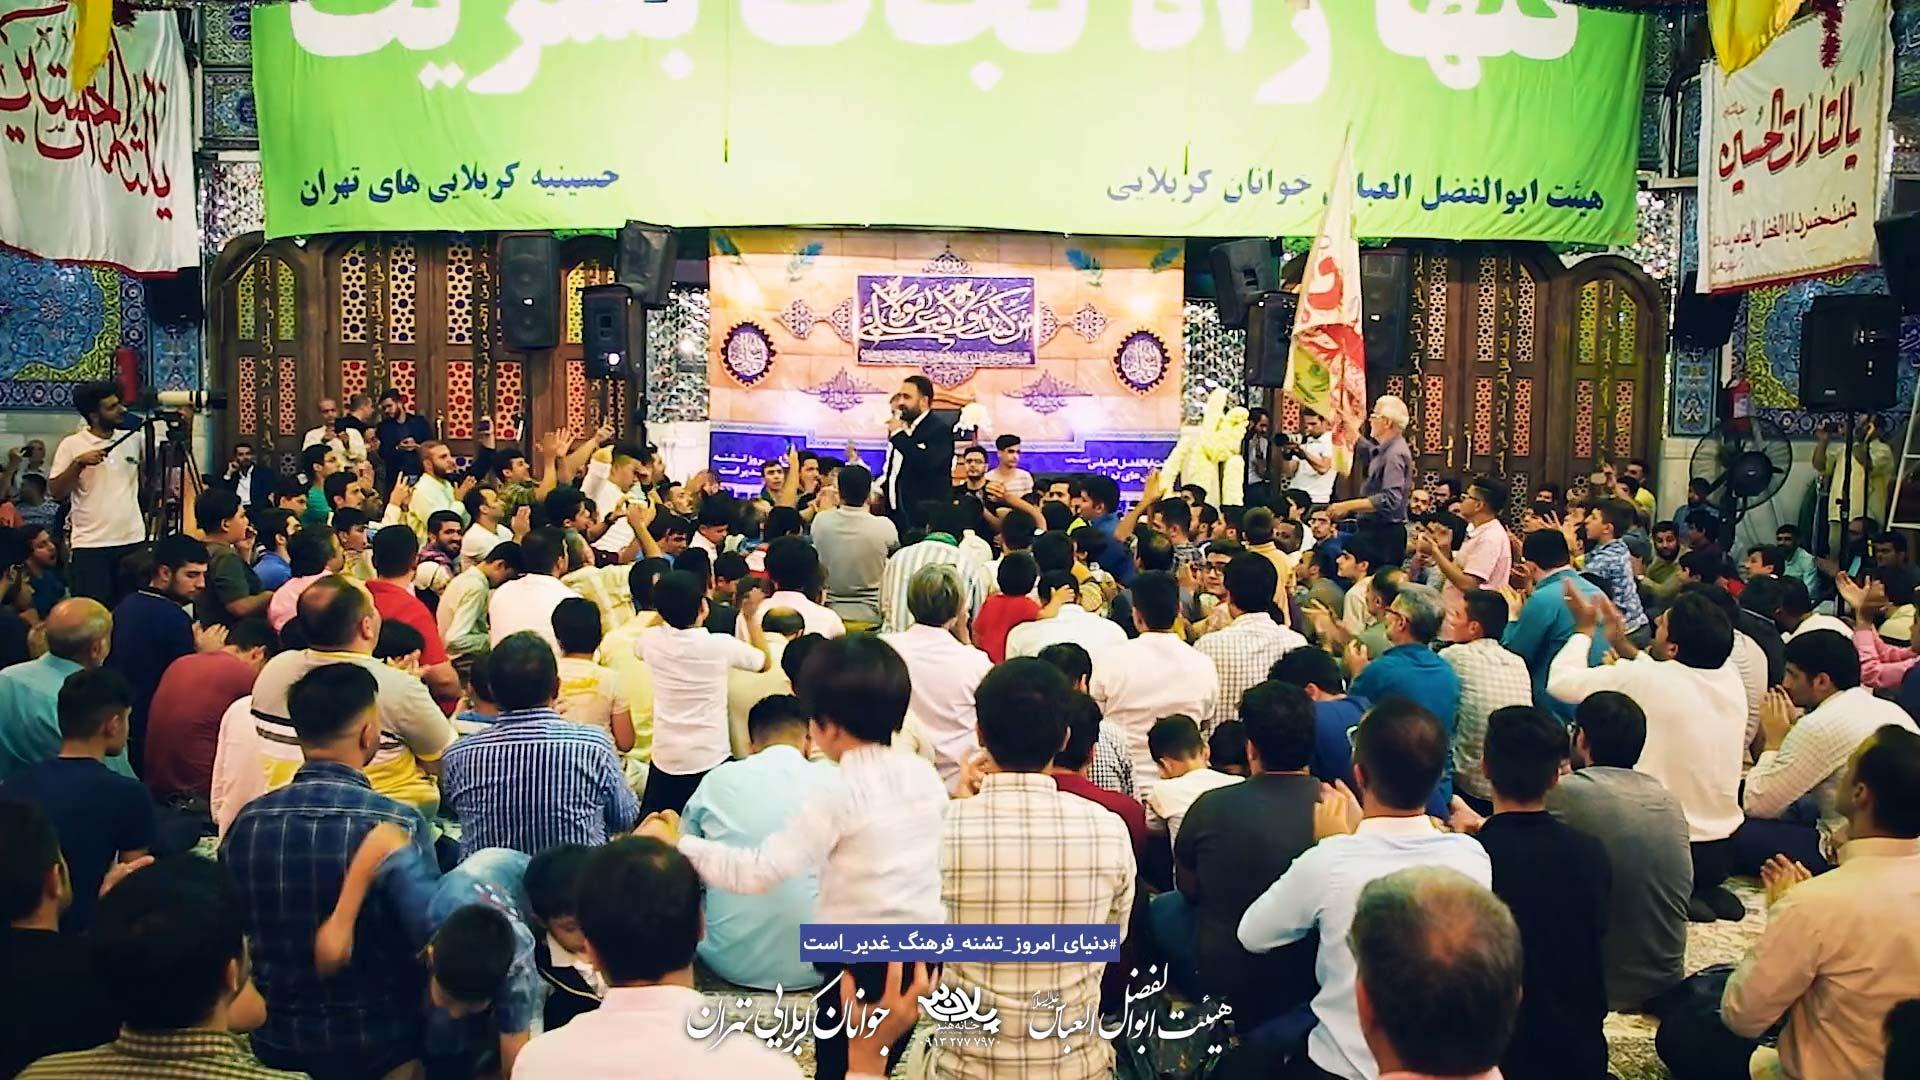 علی مولانا <br><b> محمد فصولی</b>   پلان 3